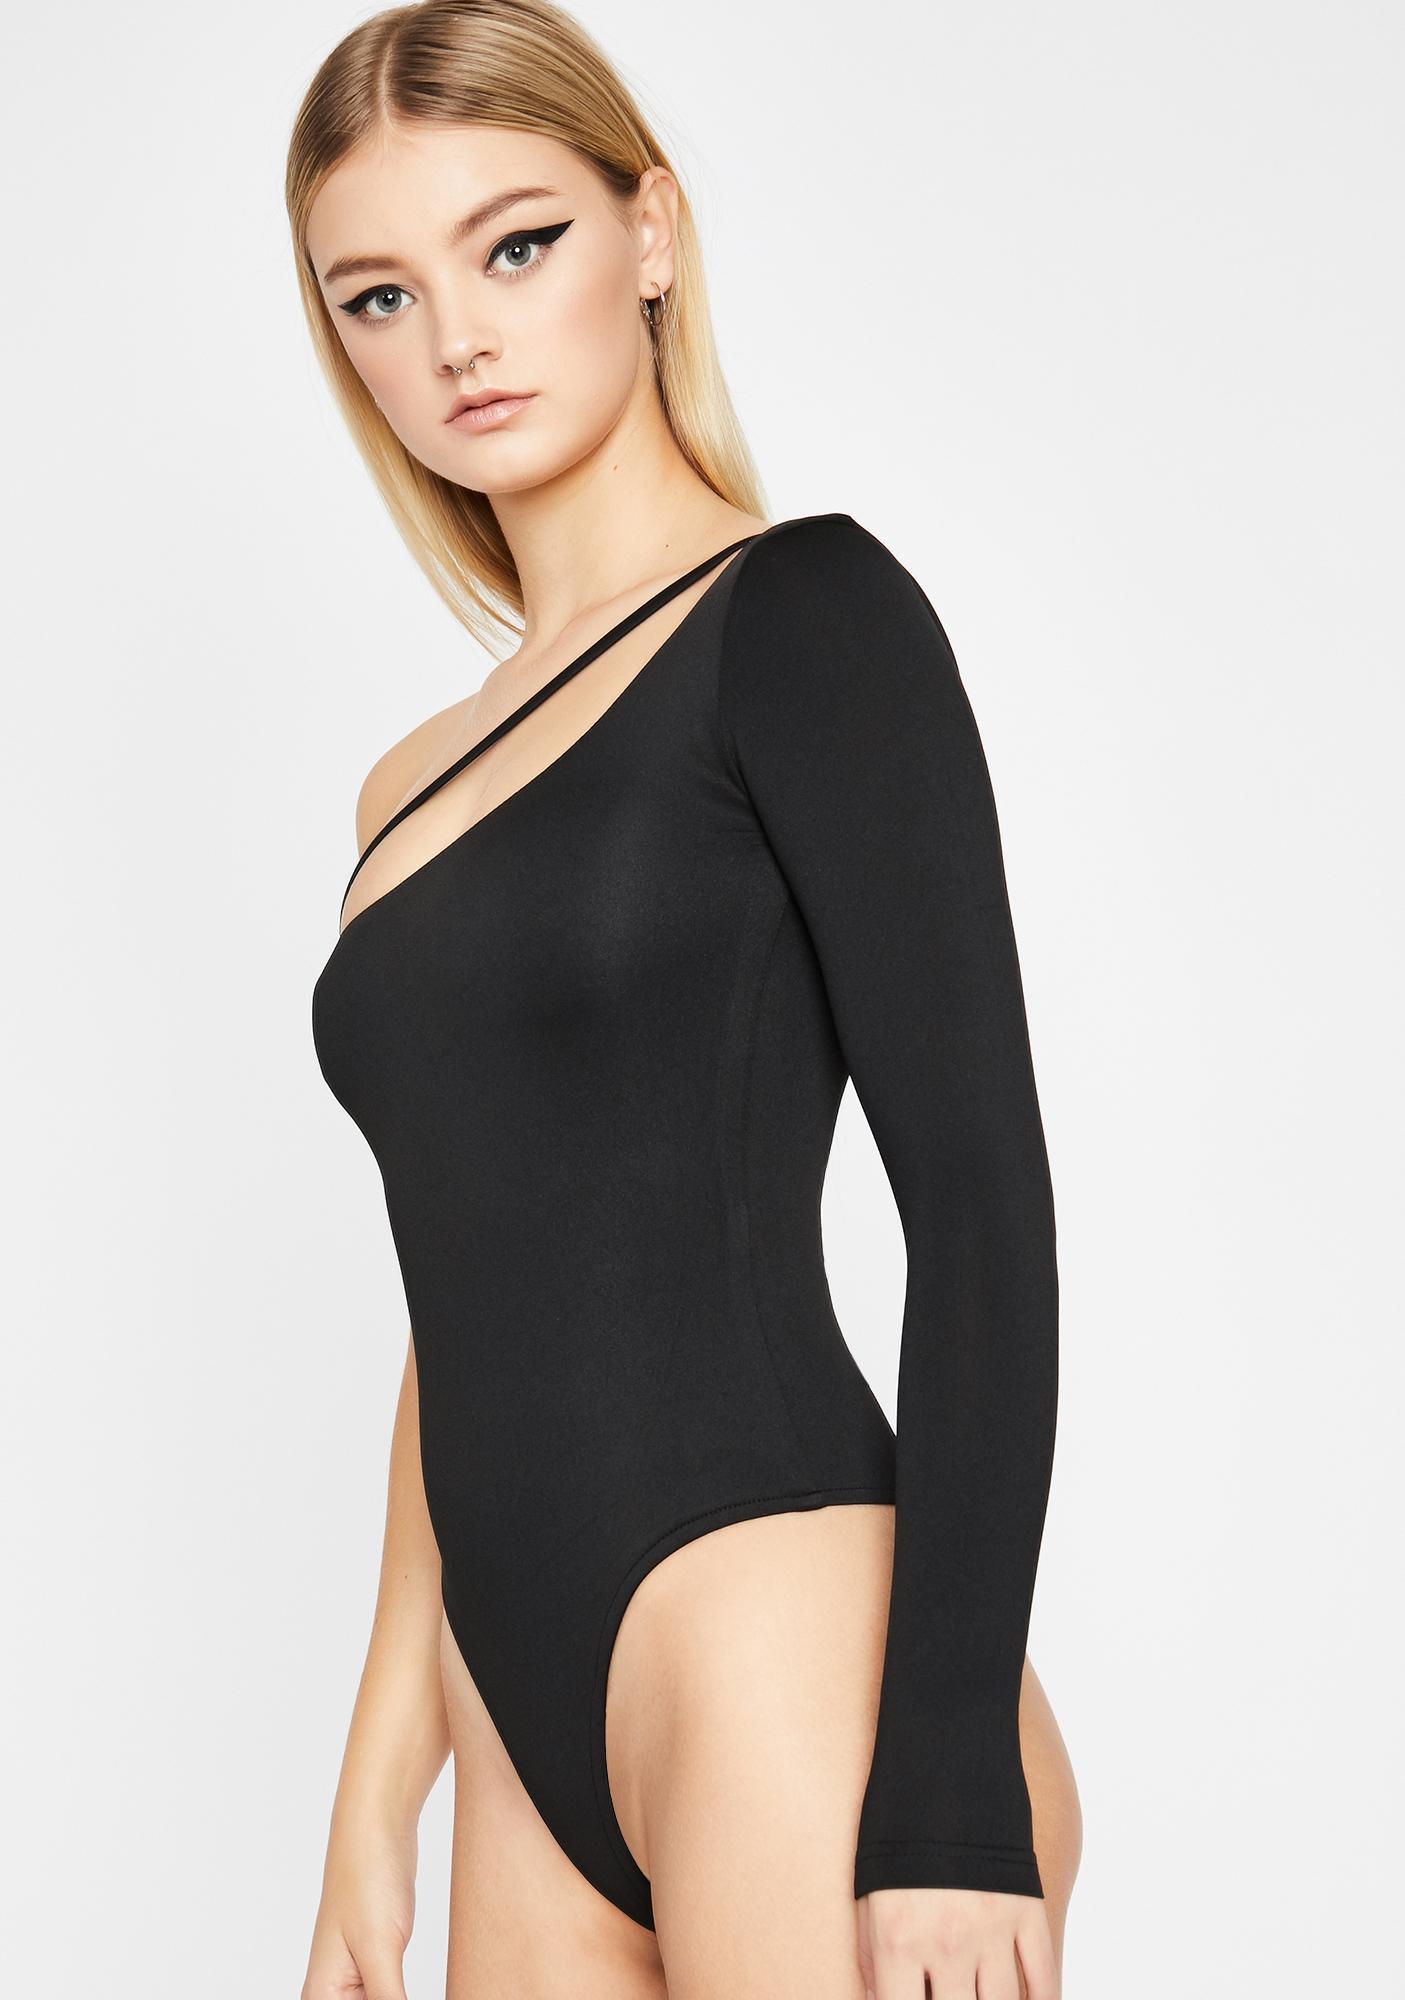 Luna Unsubscribed One-Shoulder Bodysuit